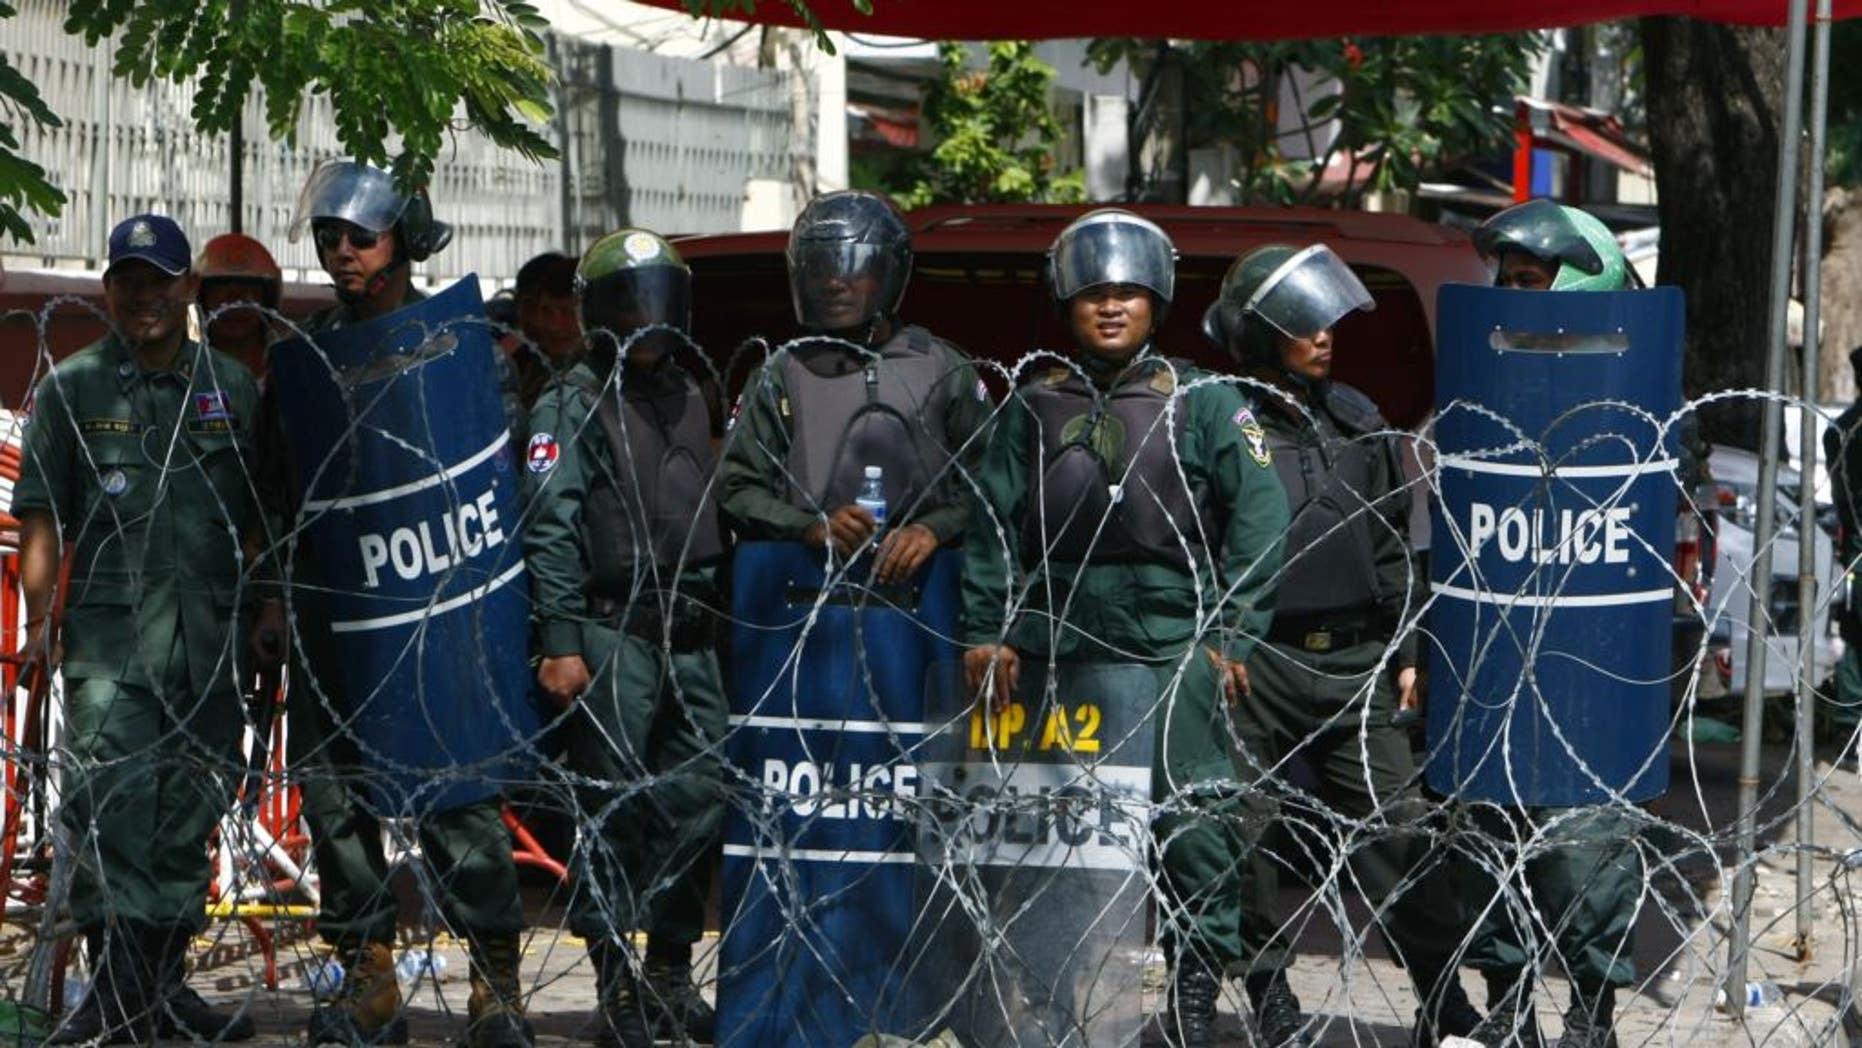 Riot police in Phnom Penh, Cambodia, in 2014.